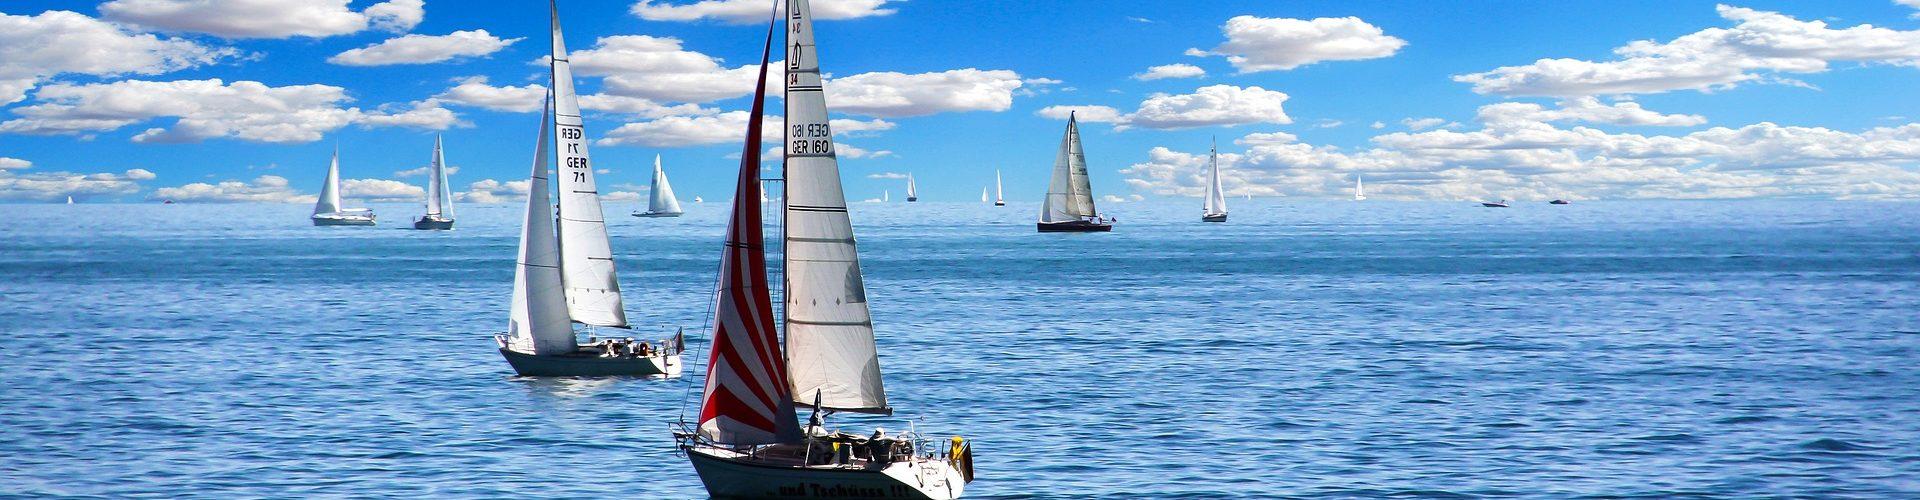 segeln lernen in Burgau segelschein machen in Burgau 1920x500 - Segeln lernen in Burgau